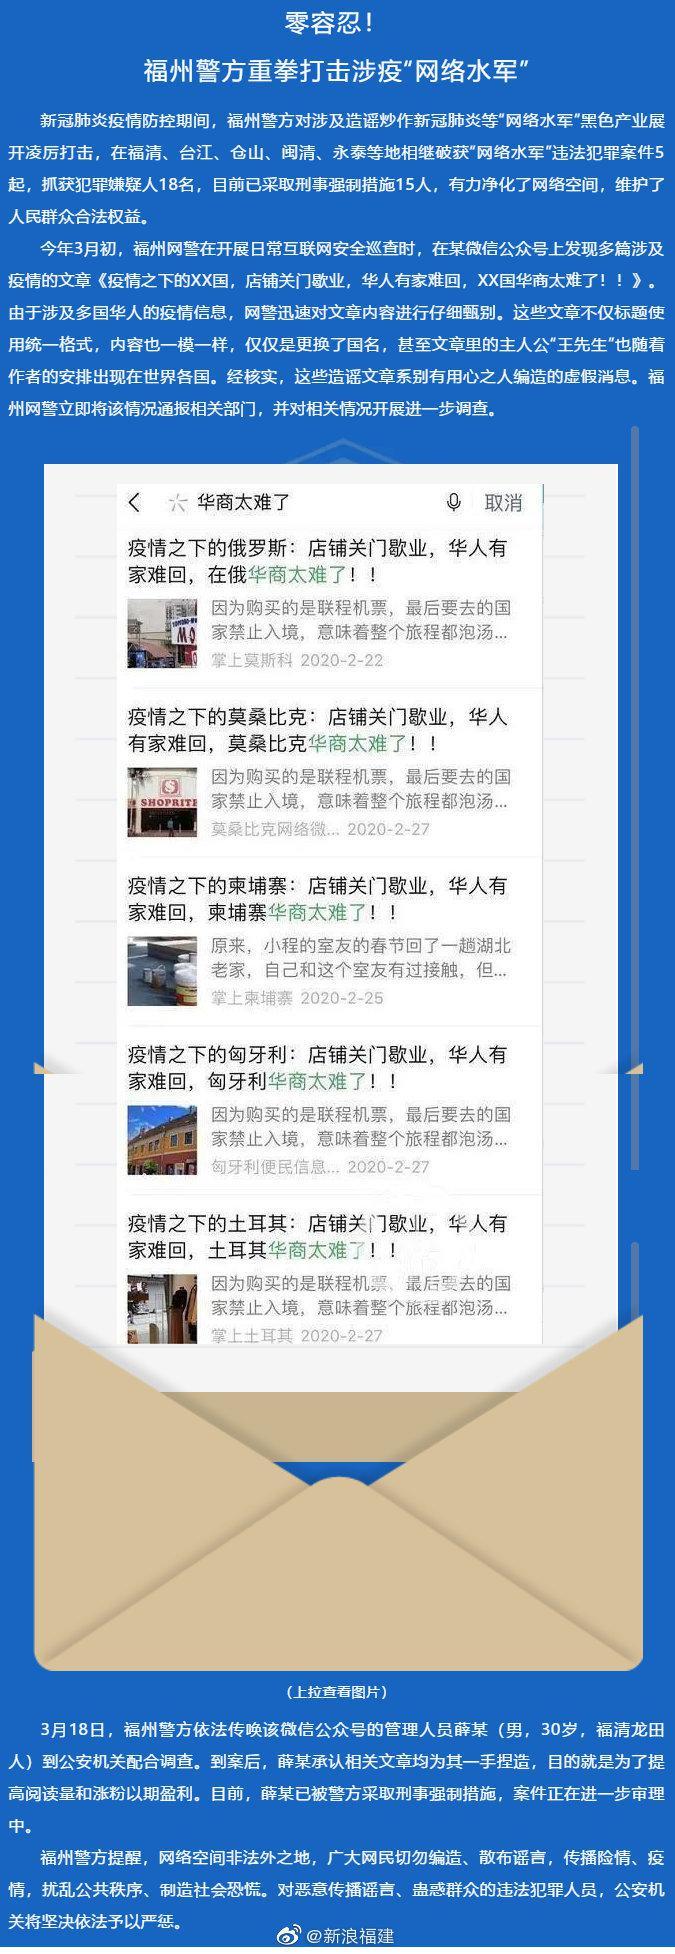 """零容忍!福州警方重拳打击涉疫""""网络水军"""""""